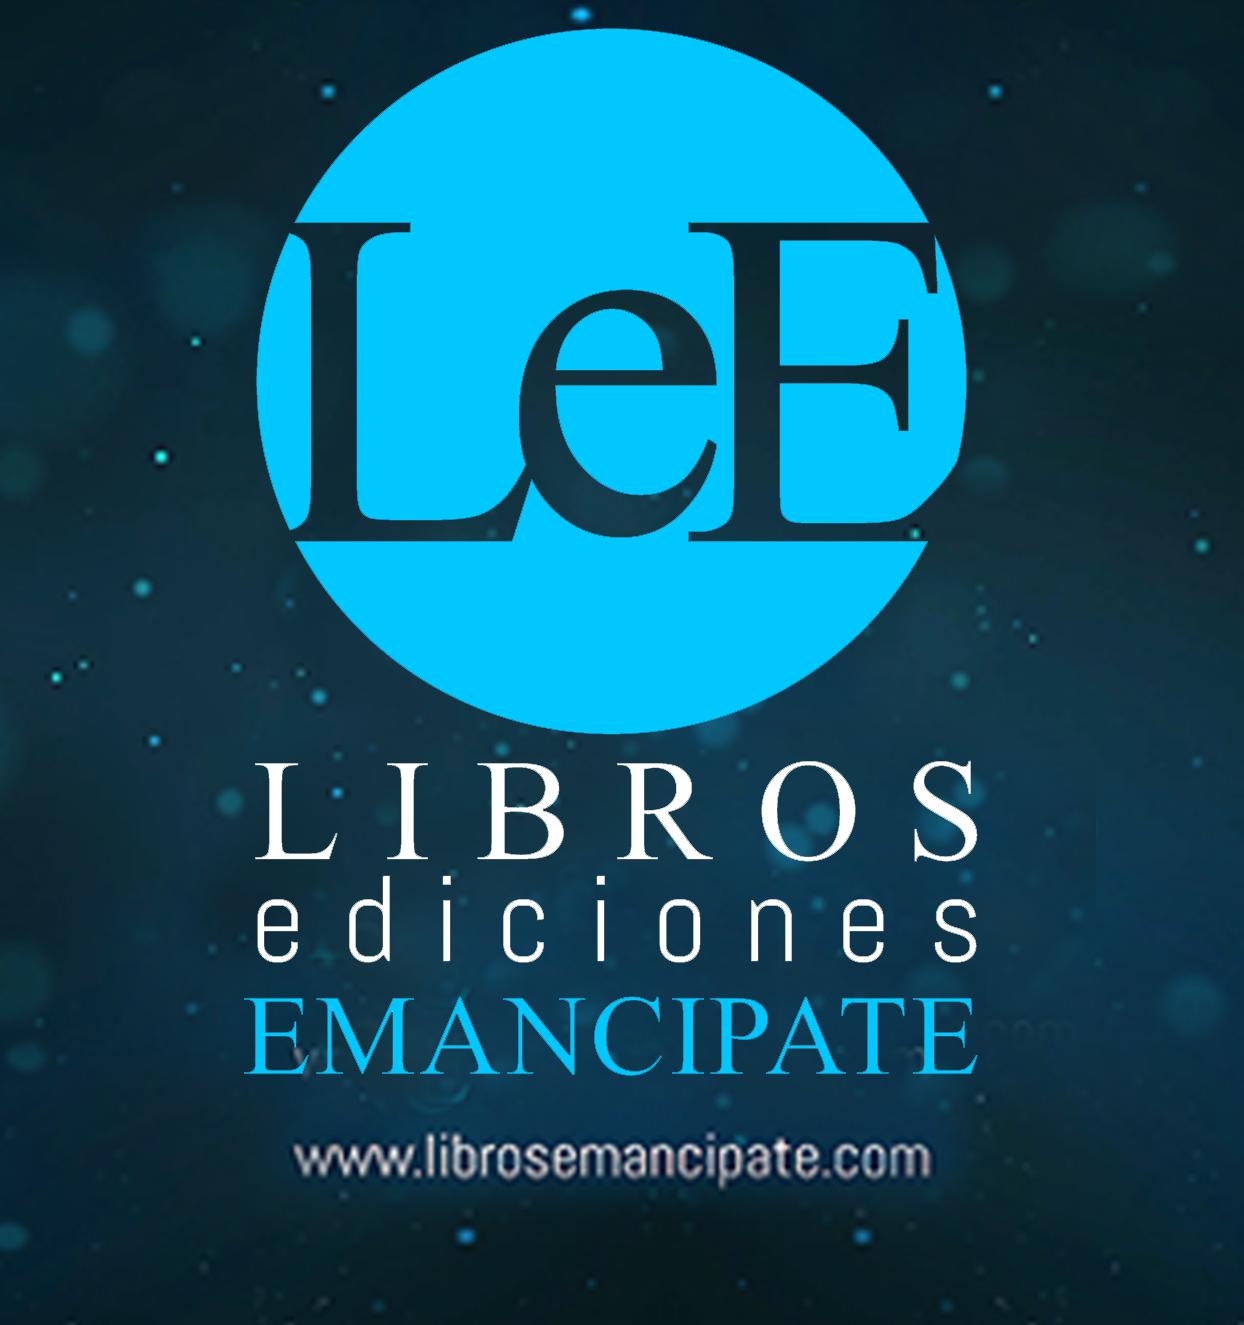 LOGO EMACIPATE 2.png